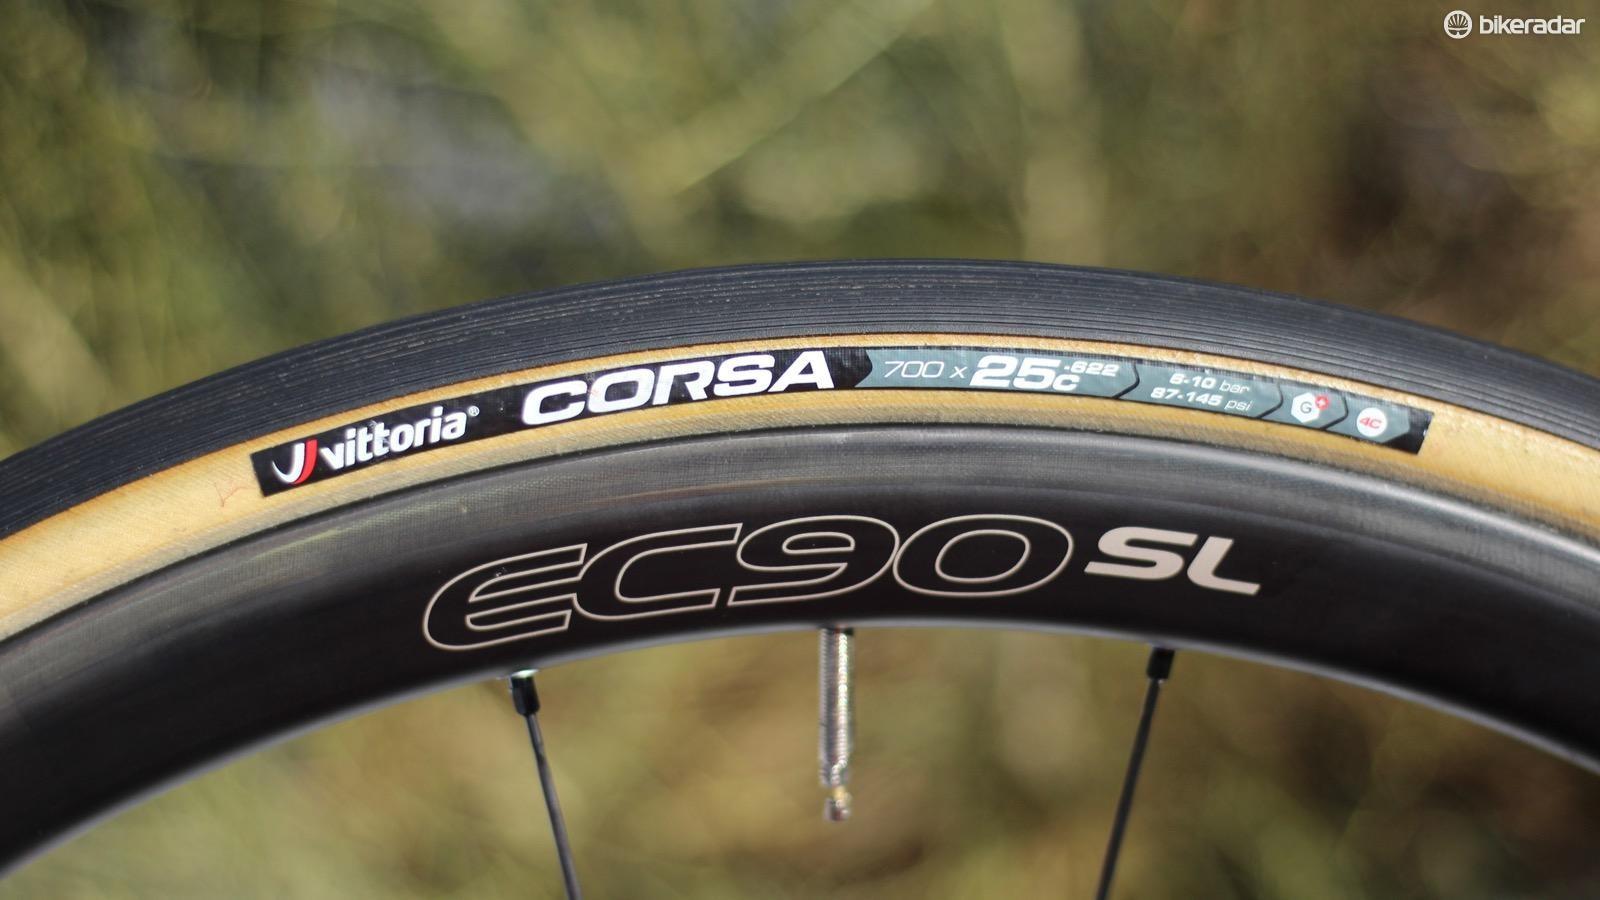 road-tire-test-14-1486070698693-1siof3ze4xea6-76e012a